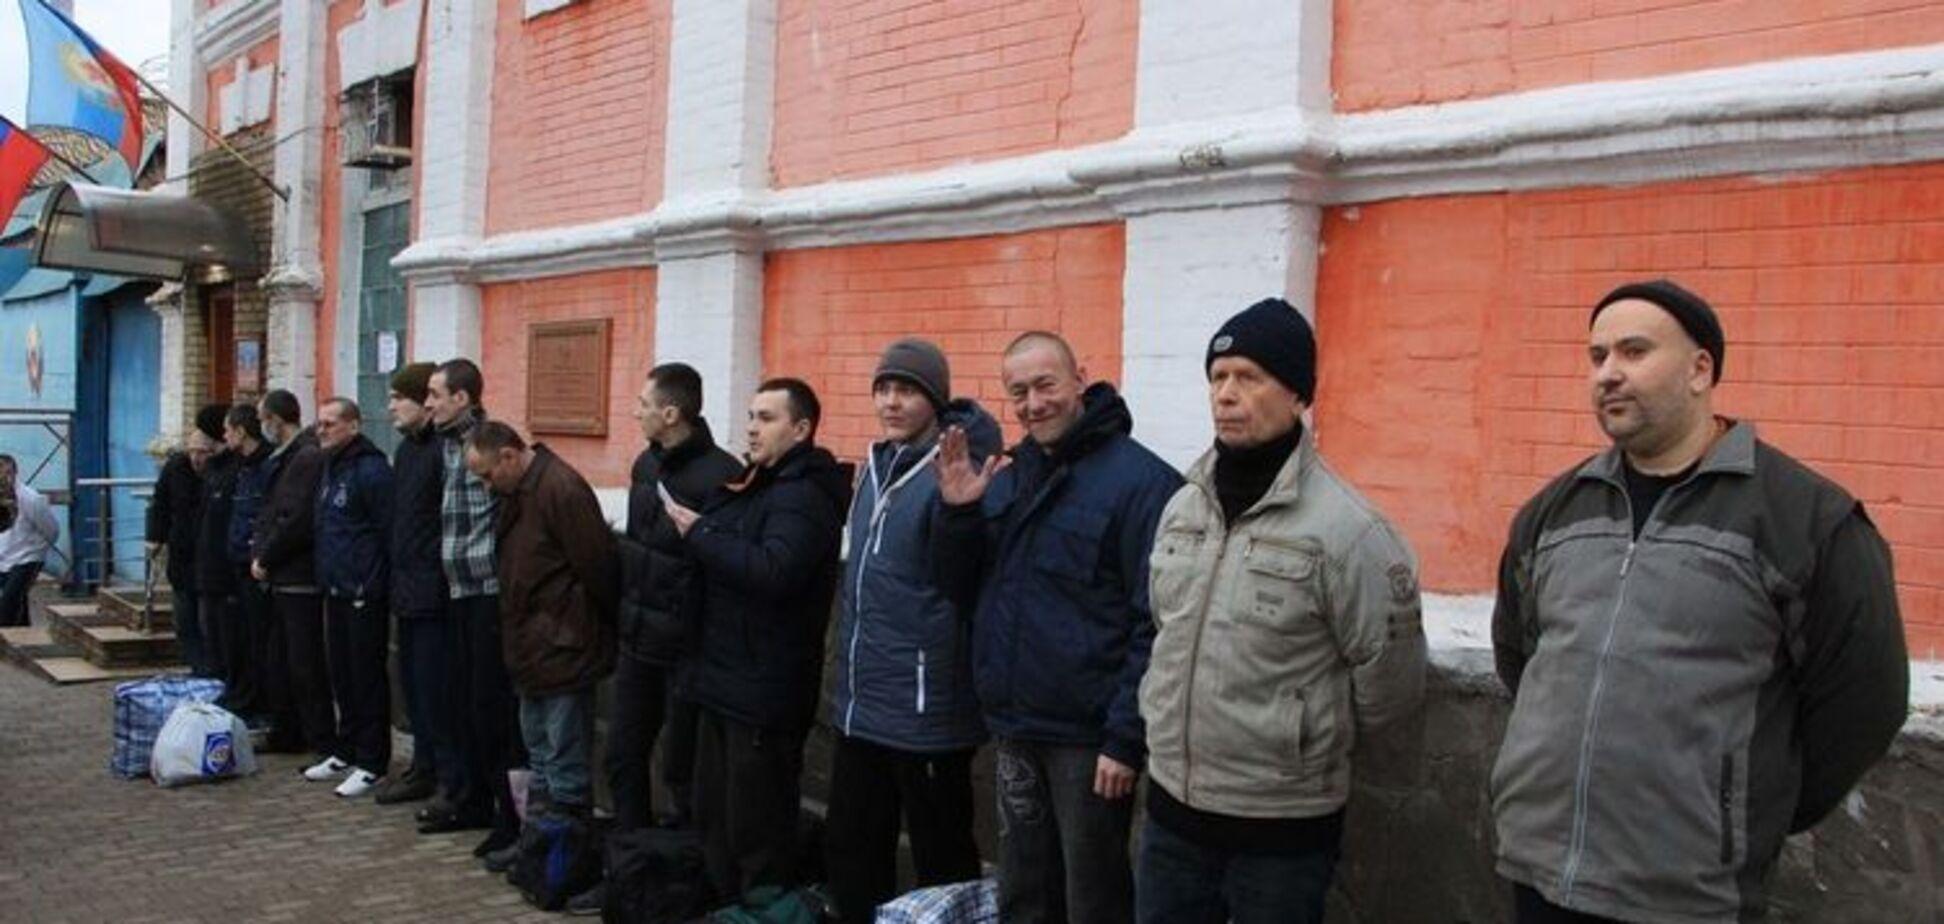 Обмен пленными с 'Л/ДНР': стала известна дата новых переговоров